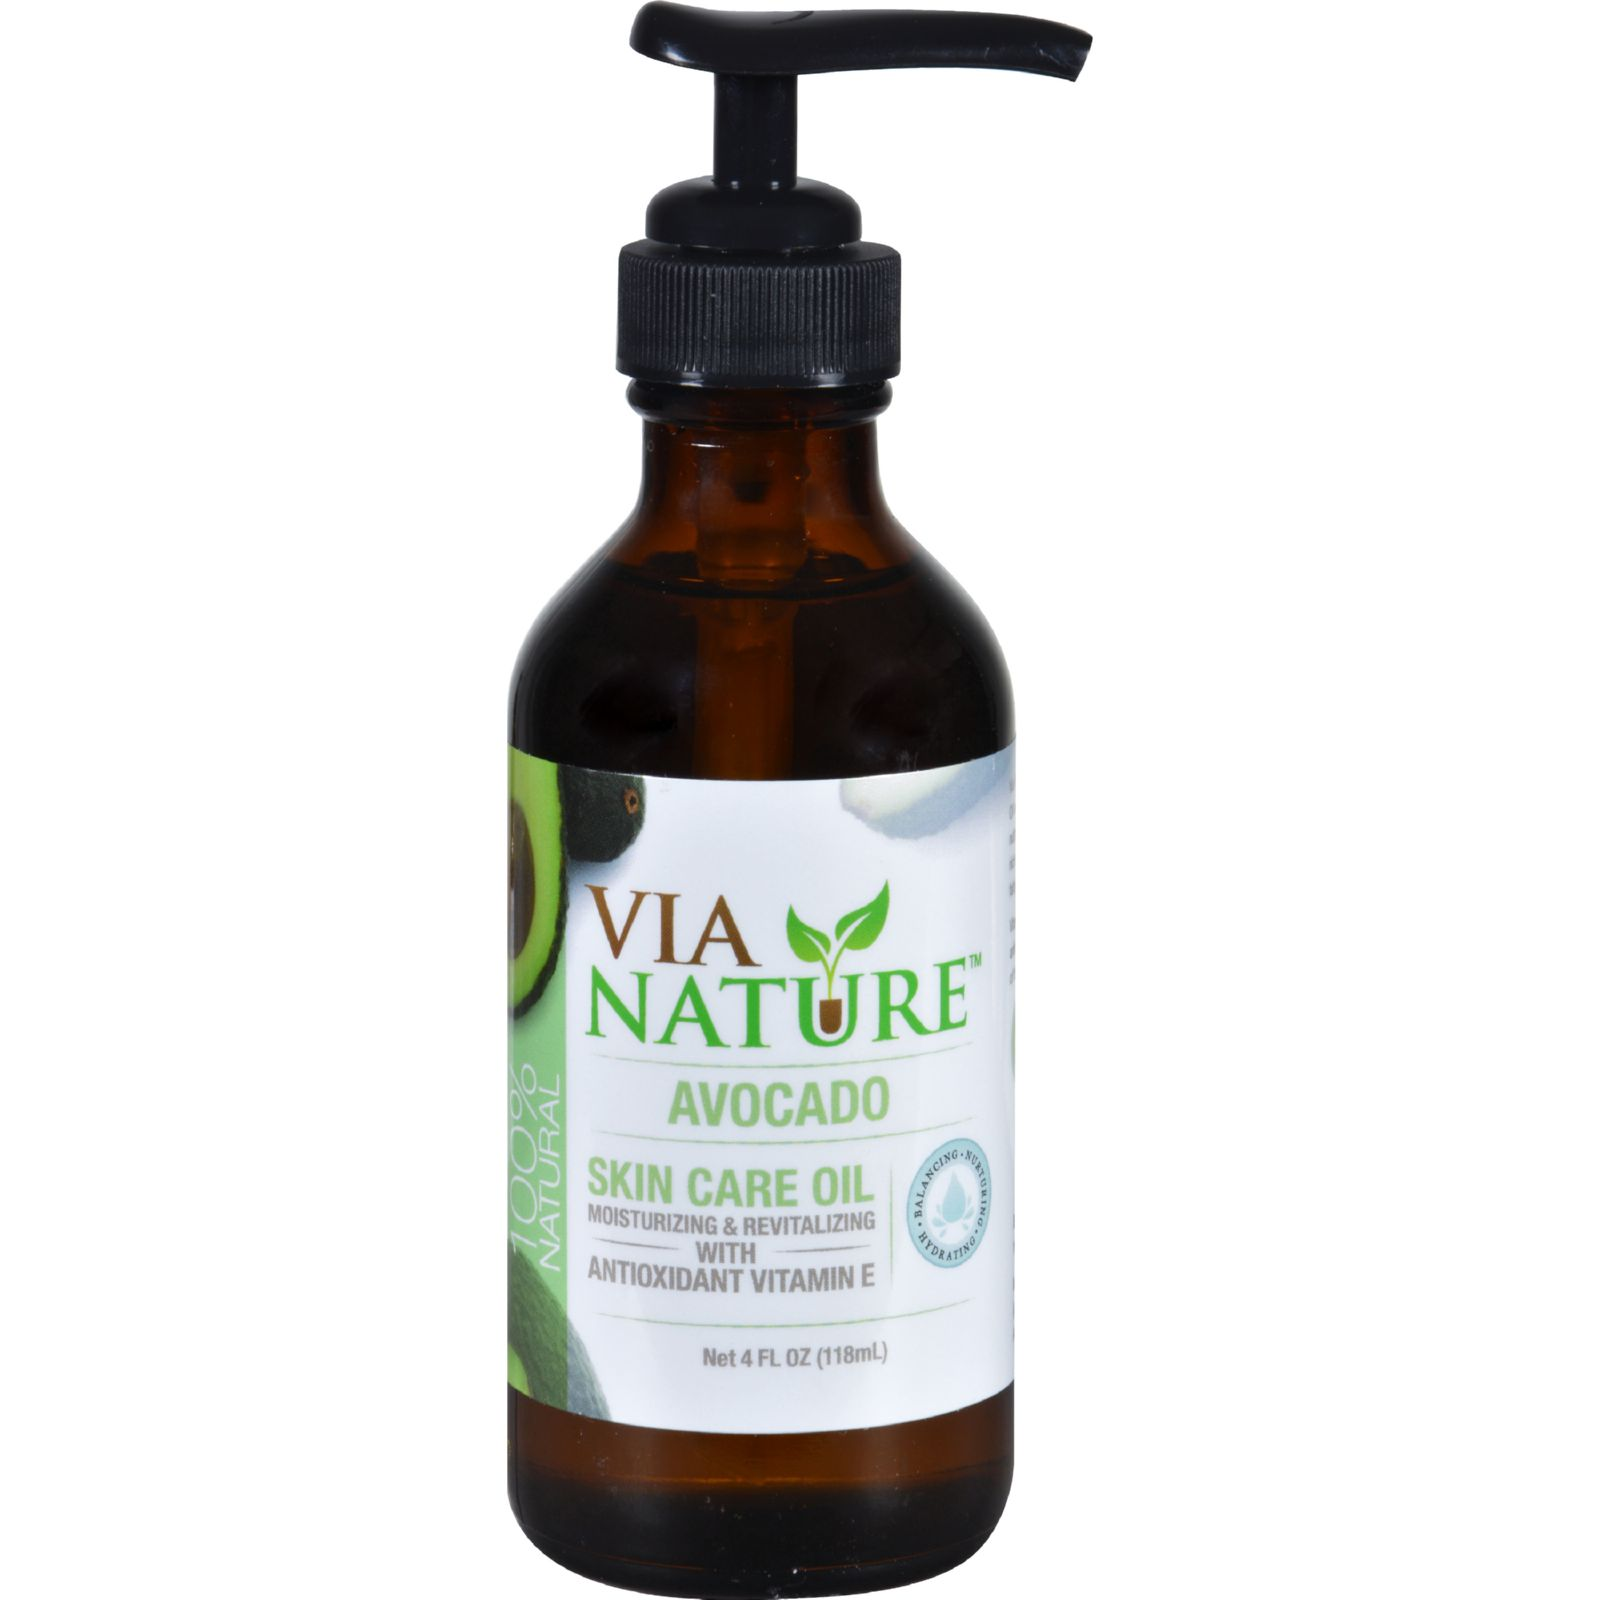 Via Nature Carrier Skin Care Oil - Avocado - 4 Fl Oz